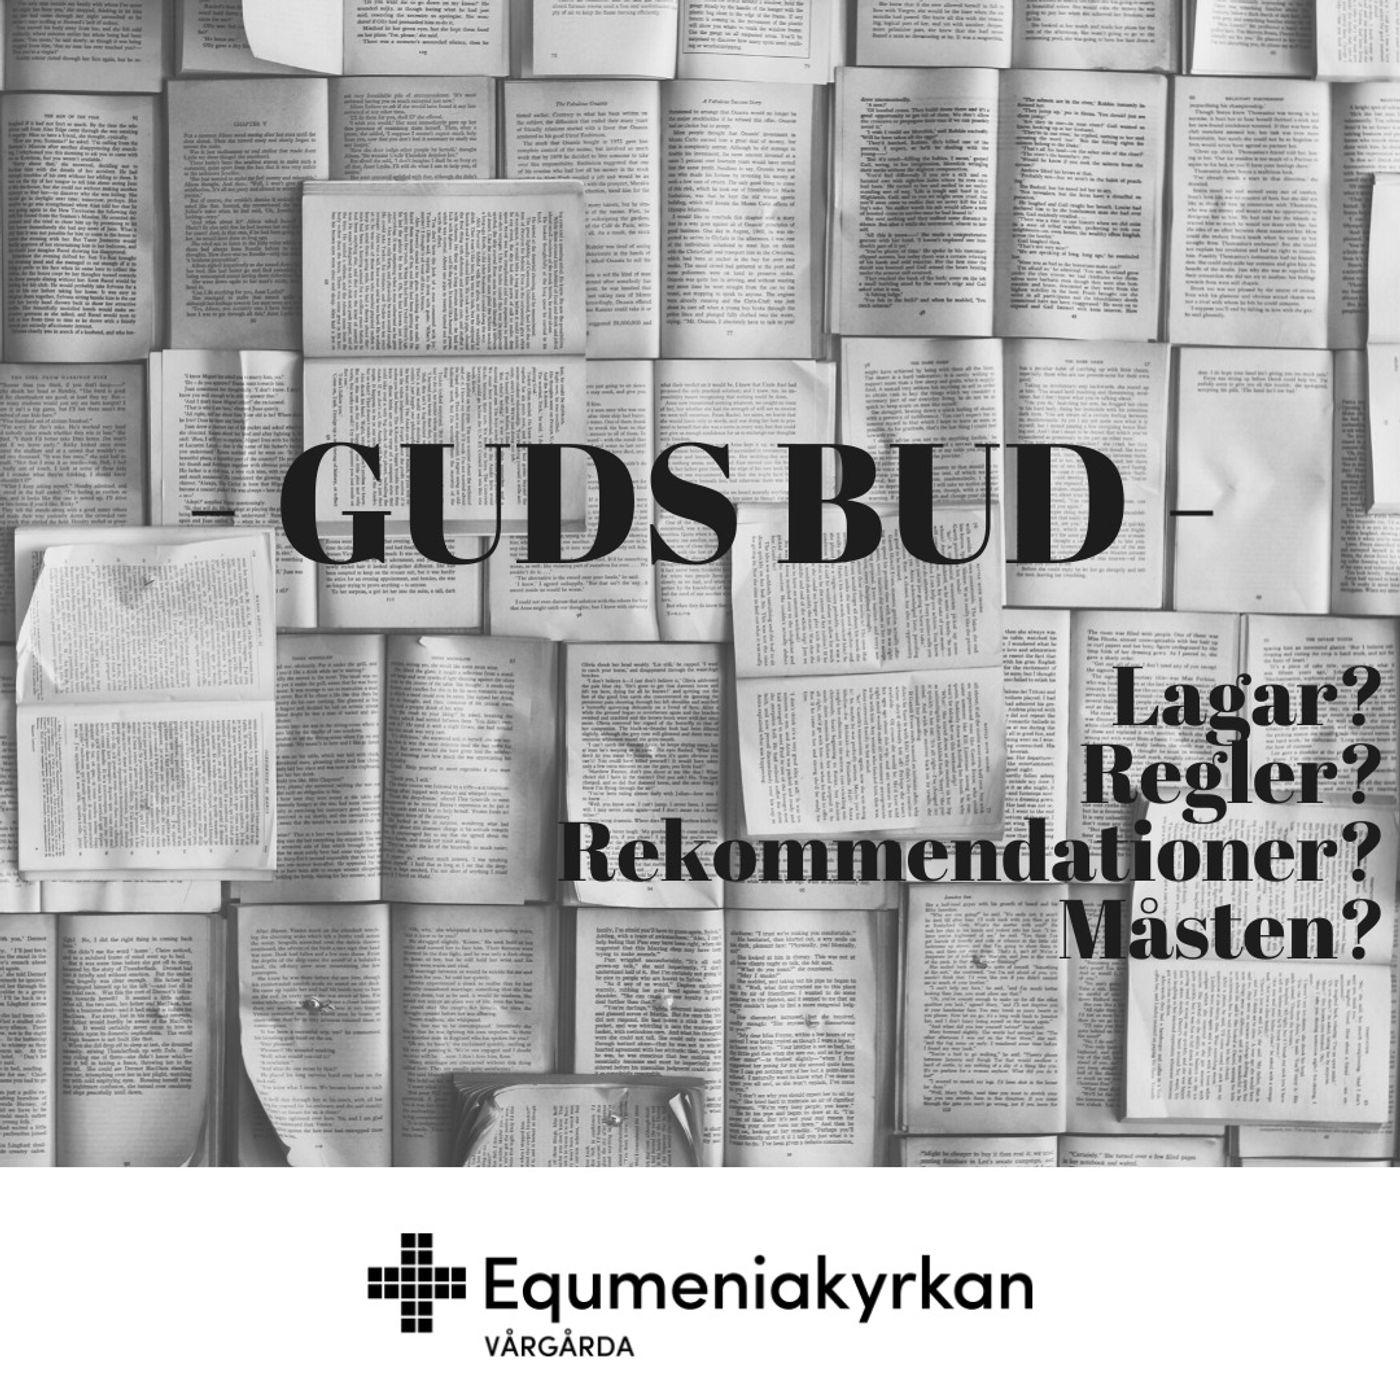 Bud, regler eller rekommendationer? De 10 Guds bud – John Eidering, 210919